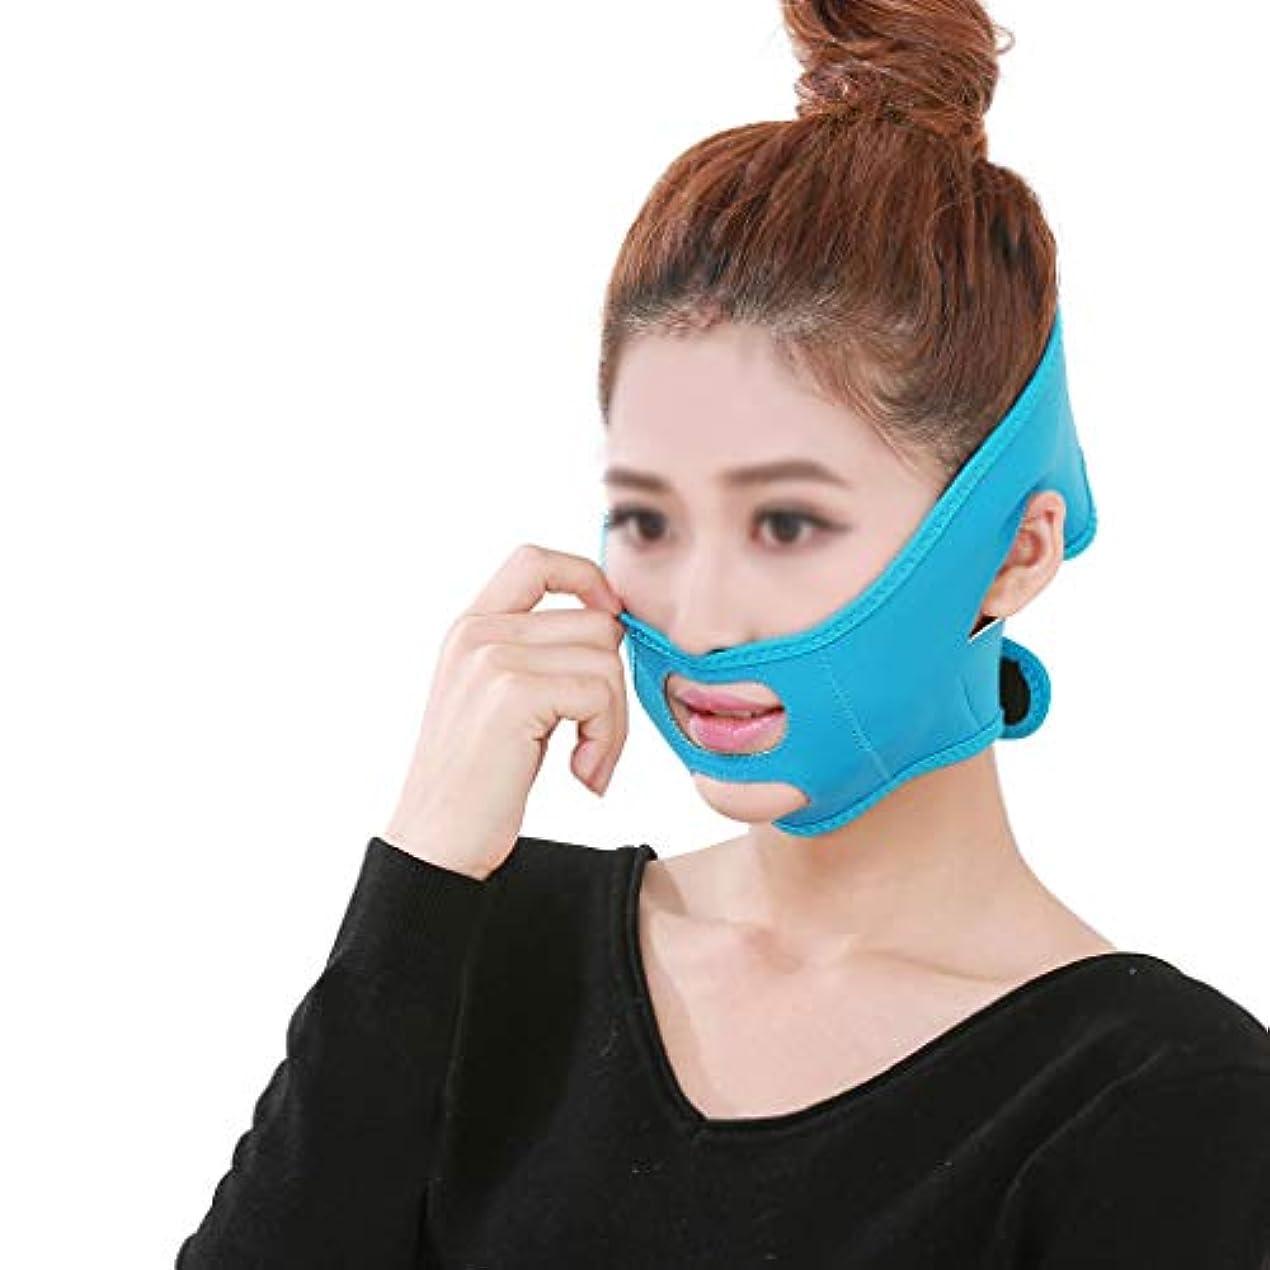 問い合わせる基礎思い出GLJJQMY 顔の顔のマスク小さなV顔包帯薄い顔のアーティファクトは、二重顎リフト肌を減らす 顔用整形マスク